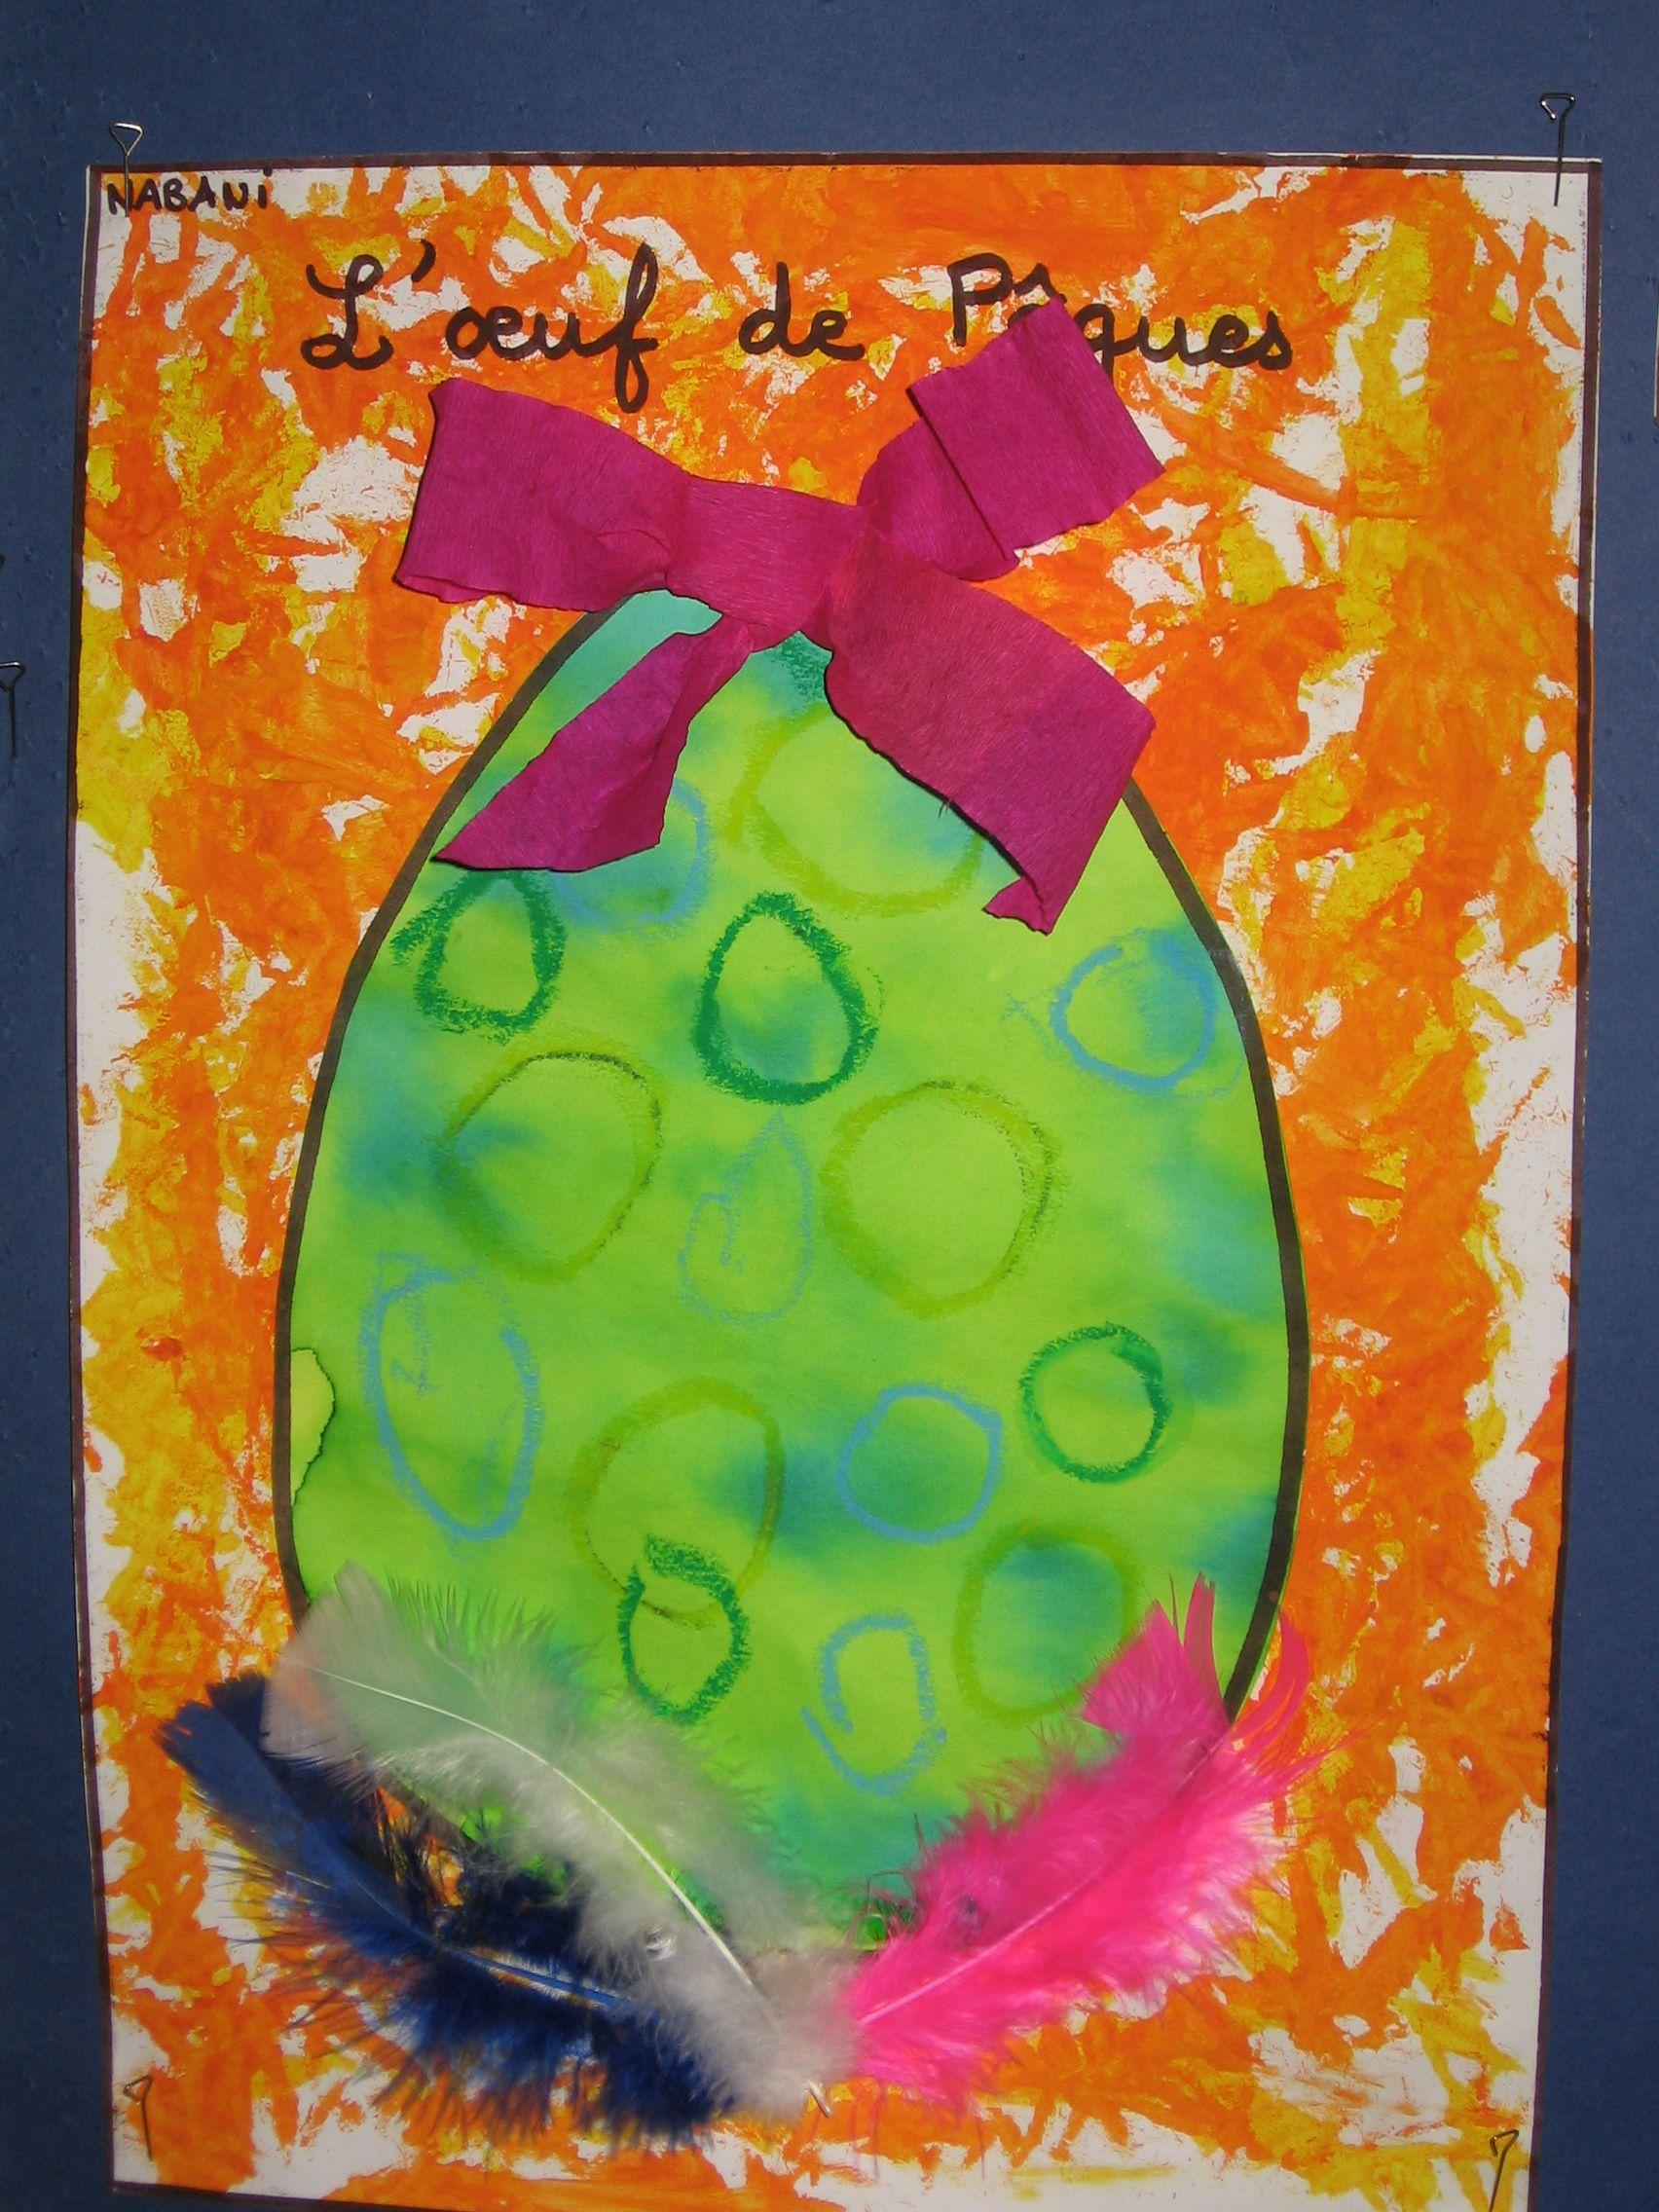 Uf de p ques c fristot and lka bricolage paques maternelle paques a activit de paques - Oeufs paques maternelle ...